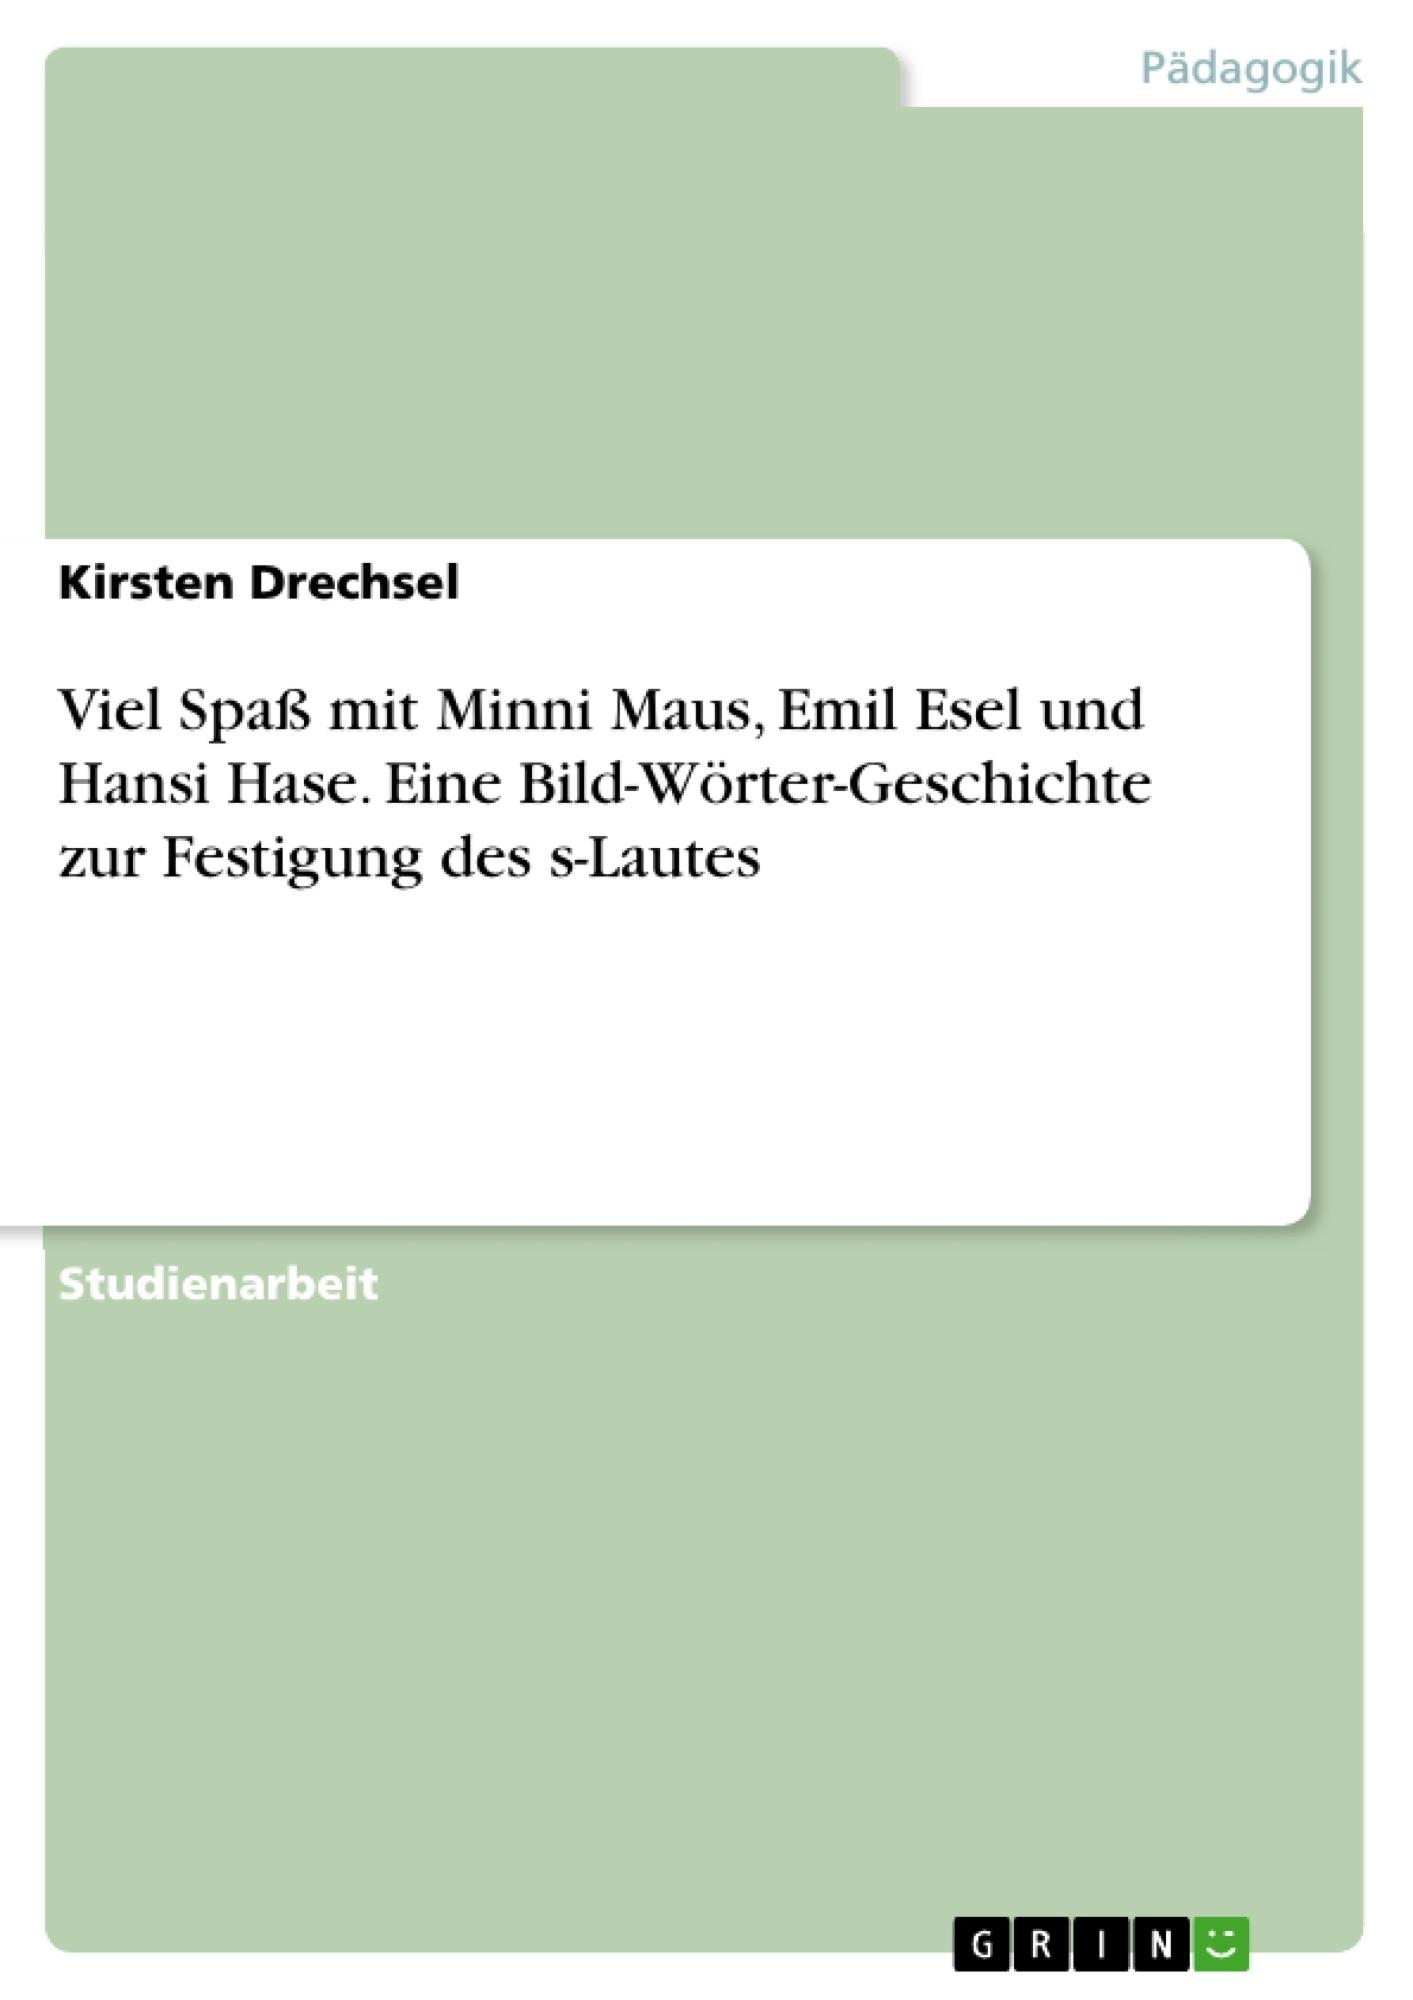 Titel: Viel Spaß mit Minni Maus, Emil Esel und Hansi Hase. Eine Bild-Wörter-Geschichte zur Festigung des s-Lautes